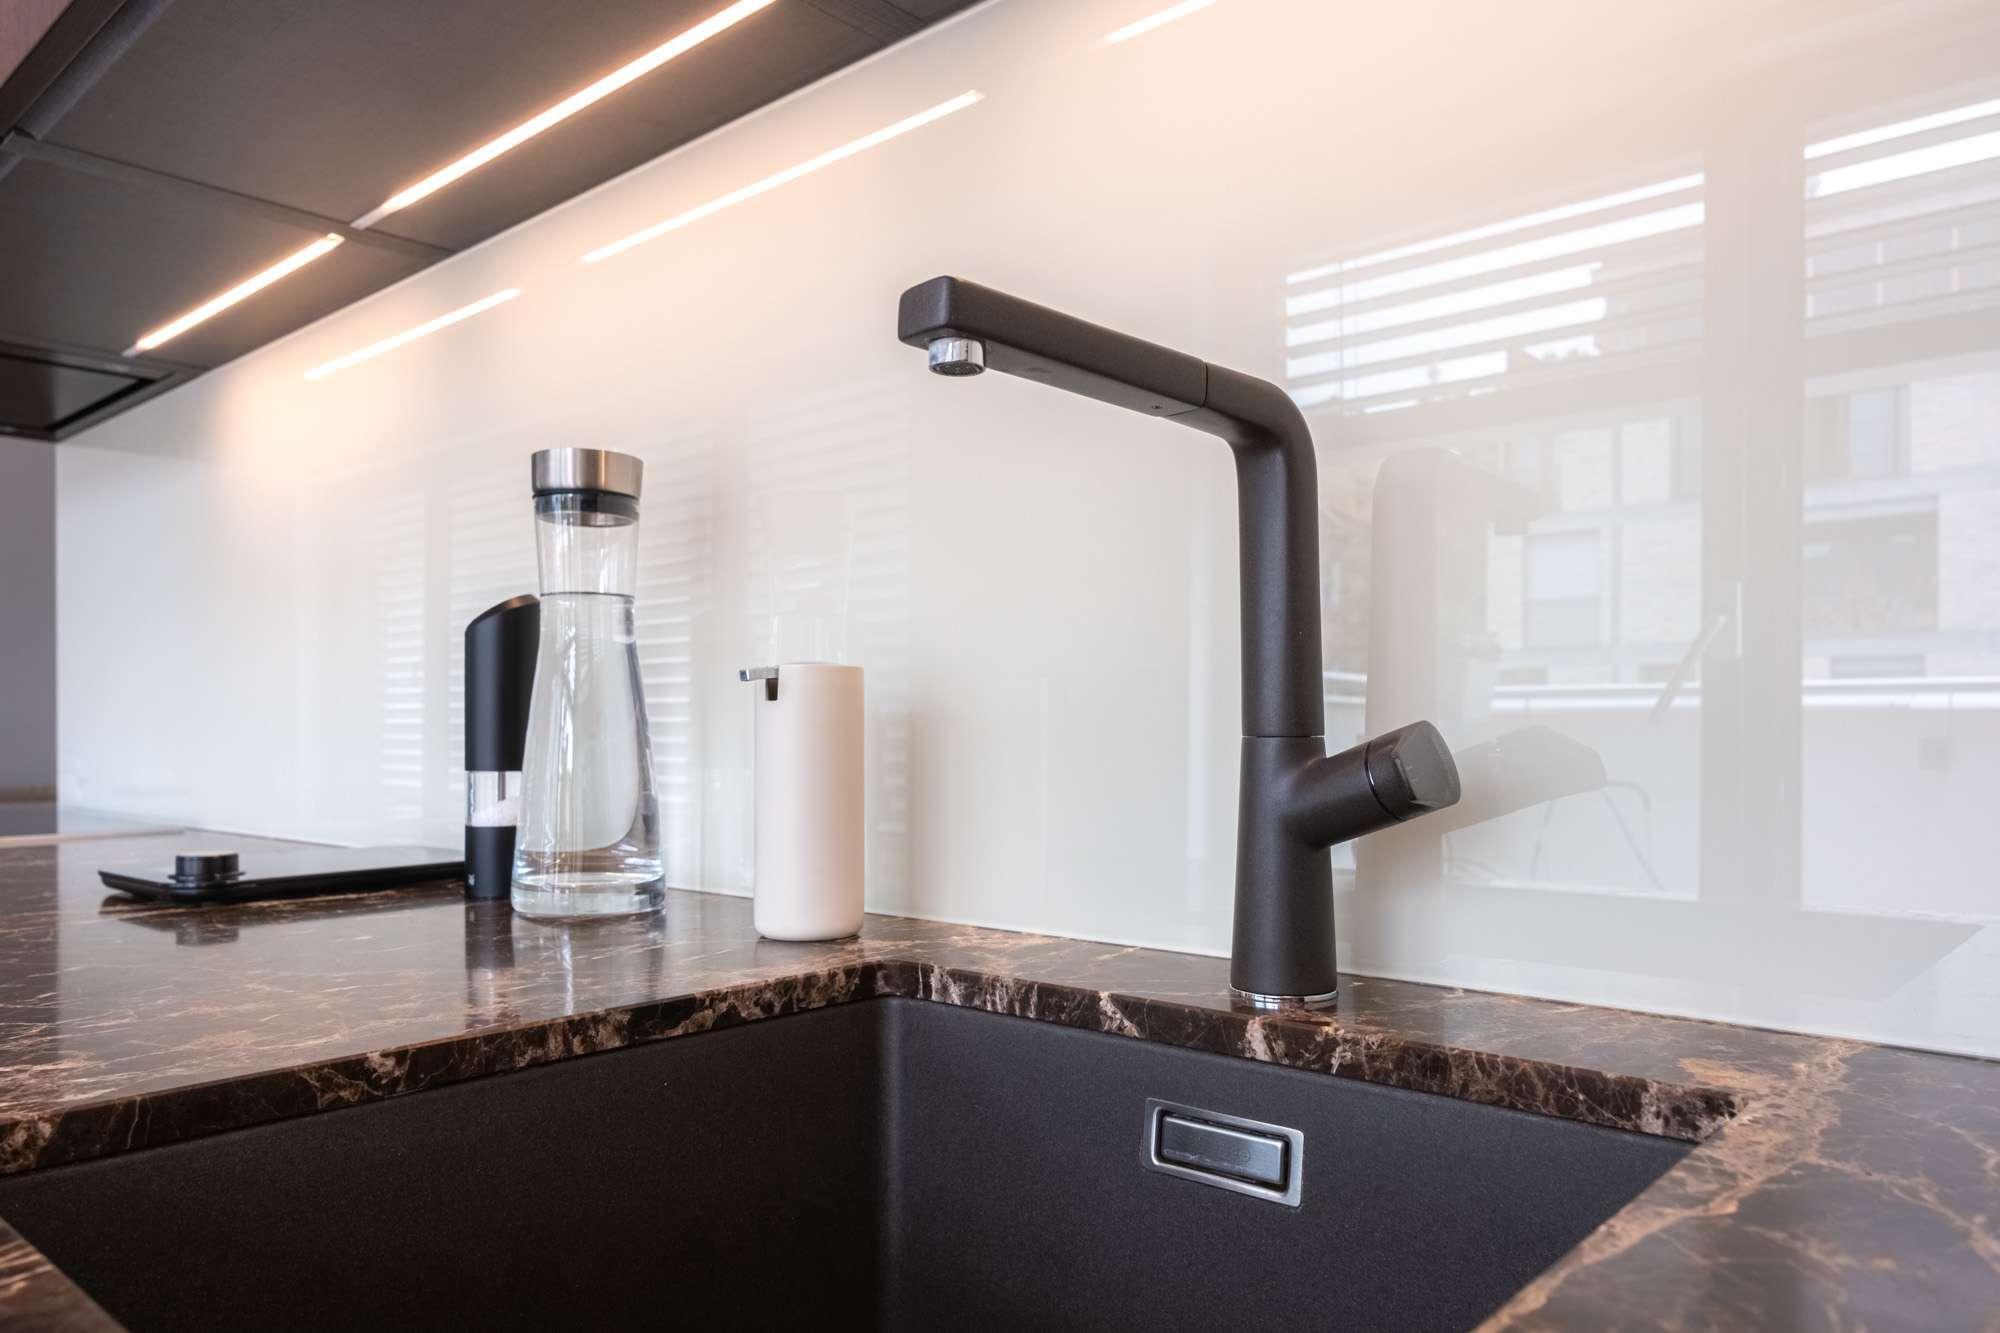 Designový interiér z Decolandu | Realizace kuchyně Scavolini